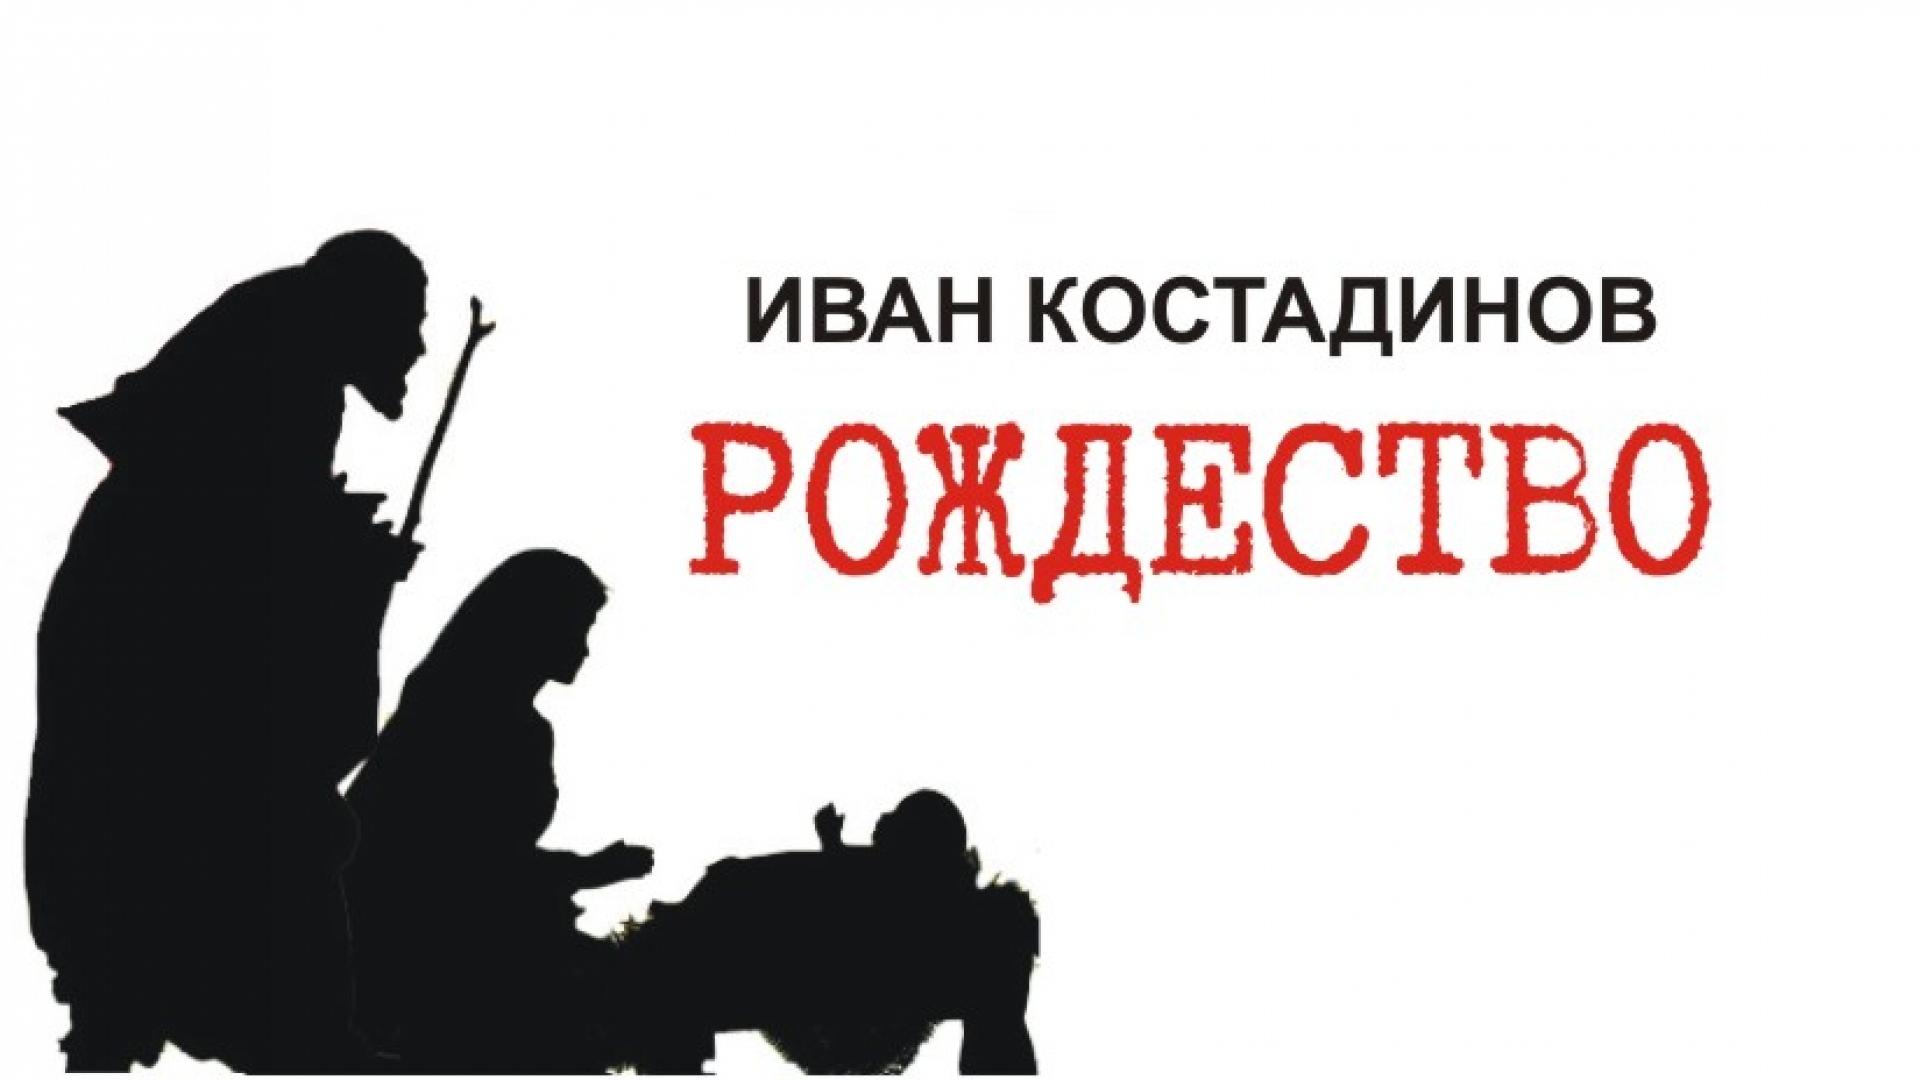 Рождество от Иван Костадинов